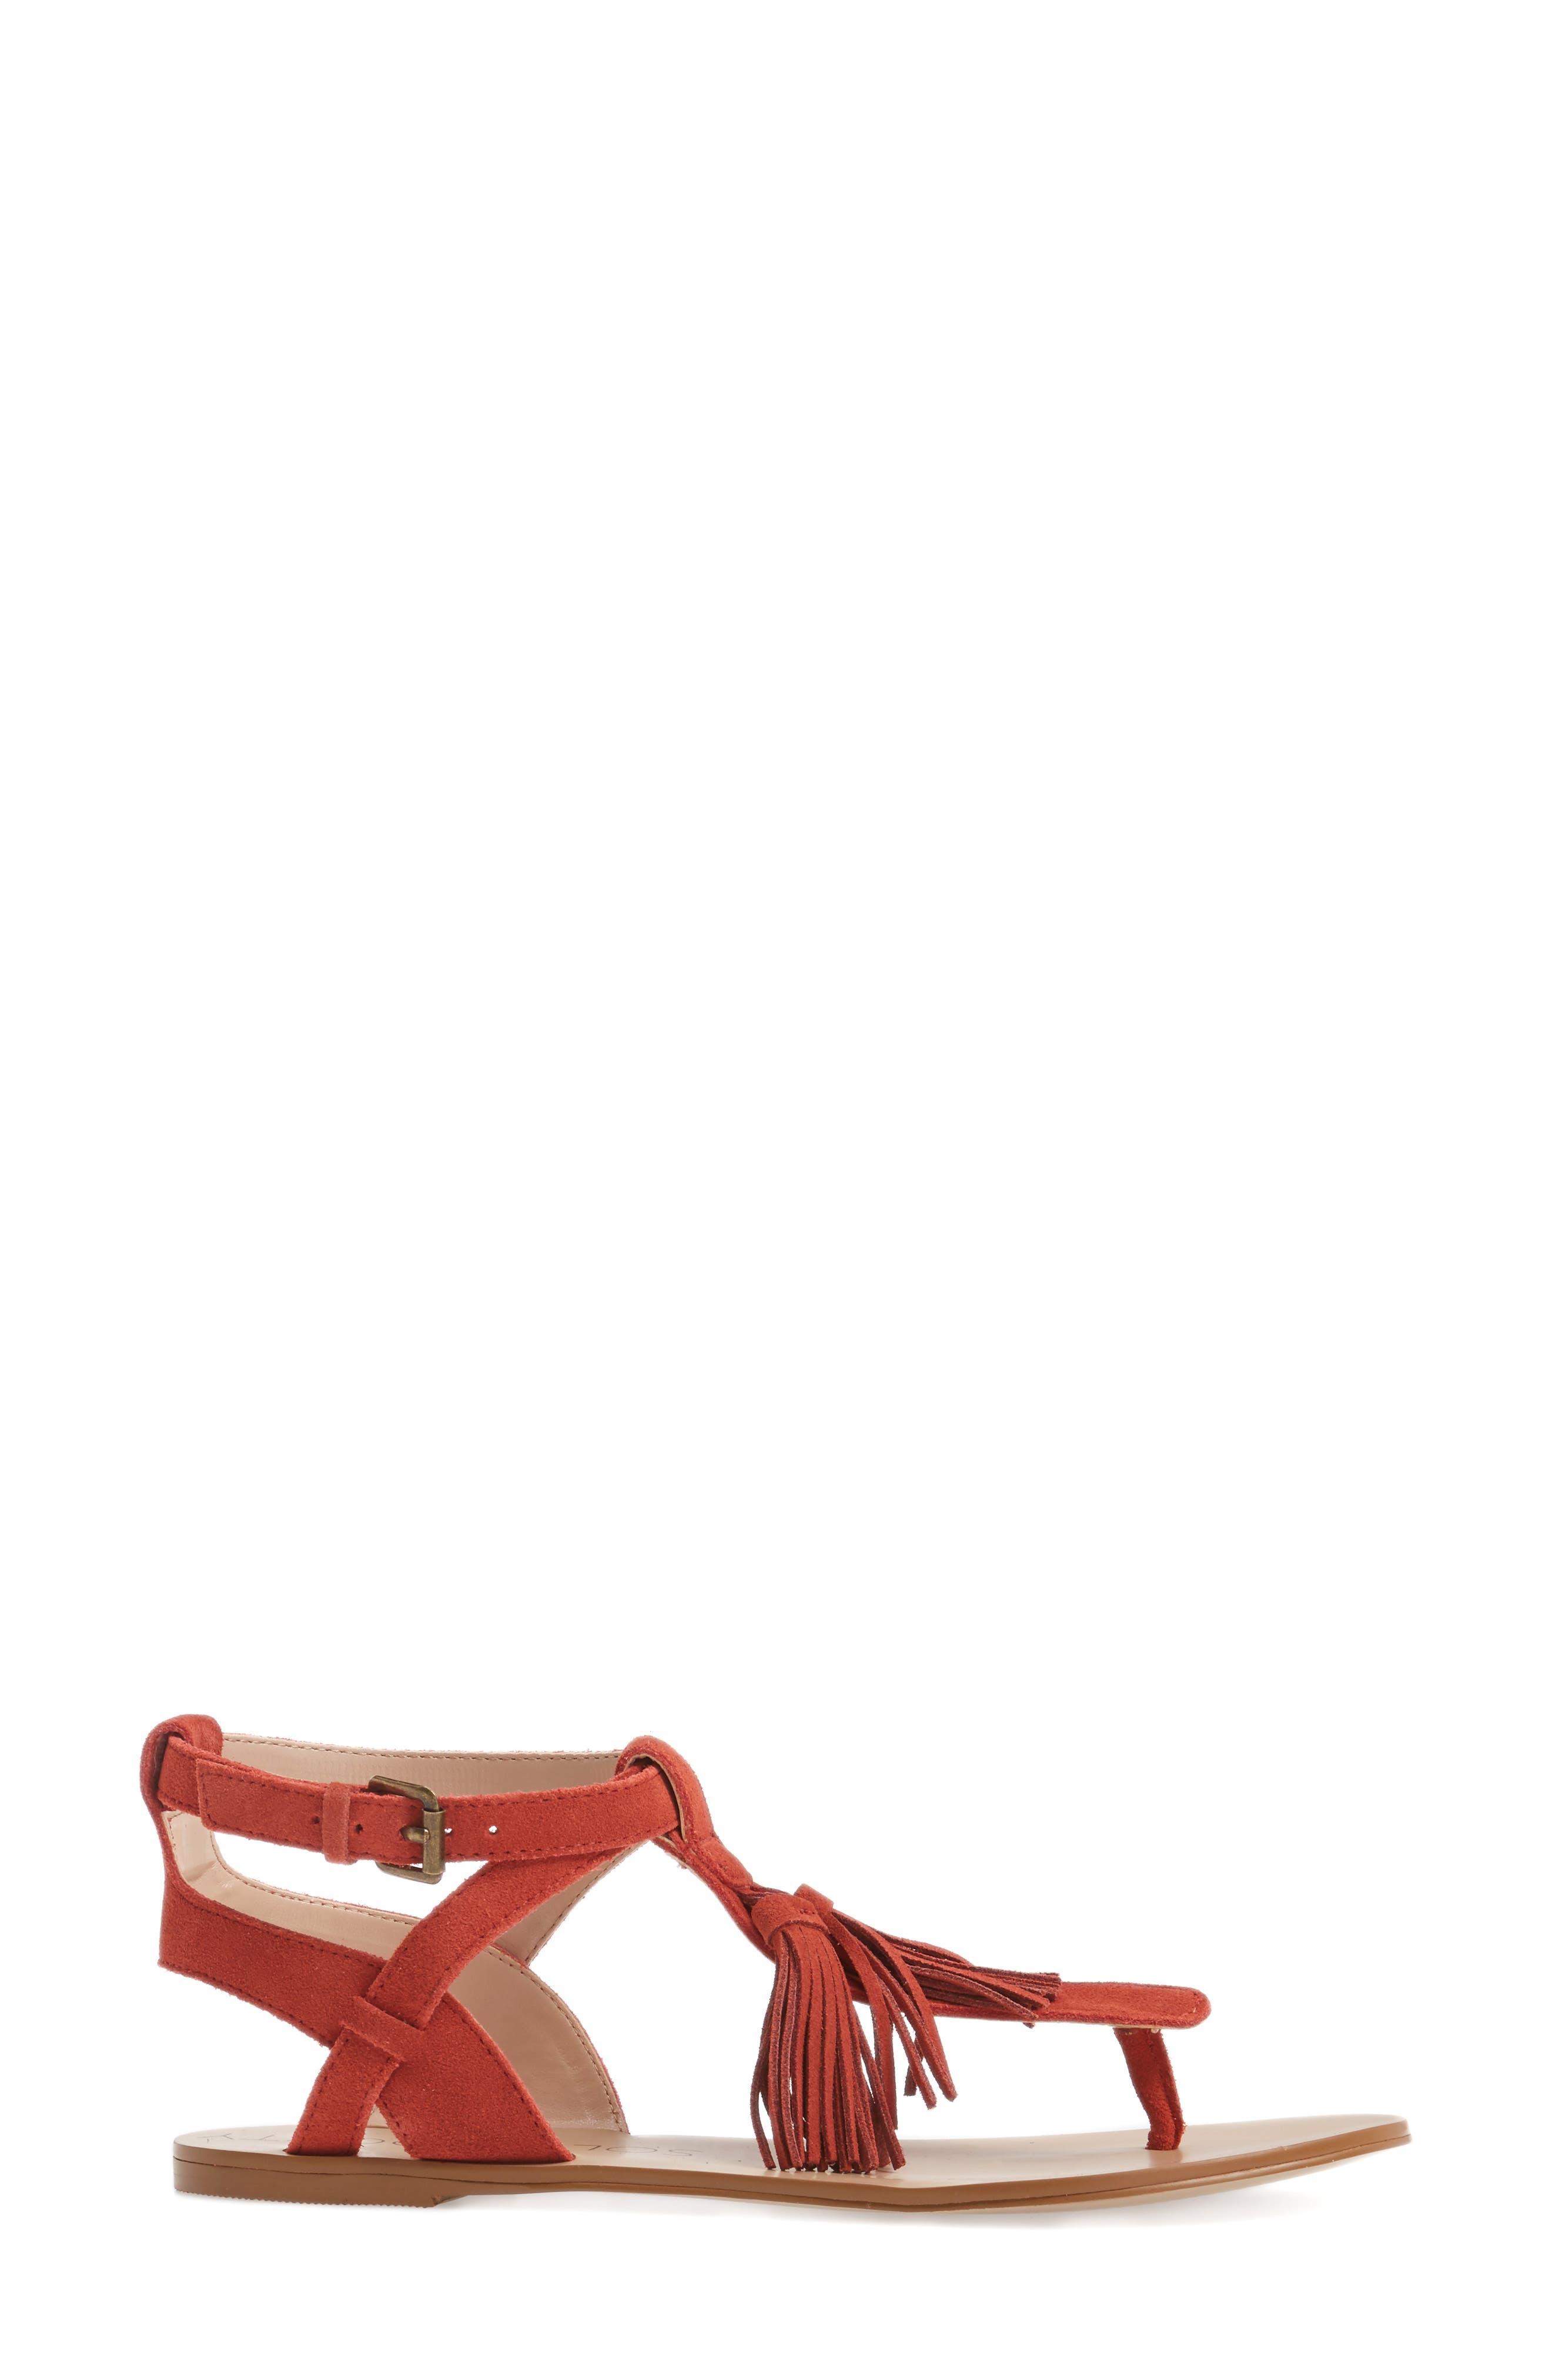 Alternate Image 3  - Sole Society 'Pandora' Fringe Sandal (Women)